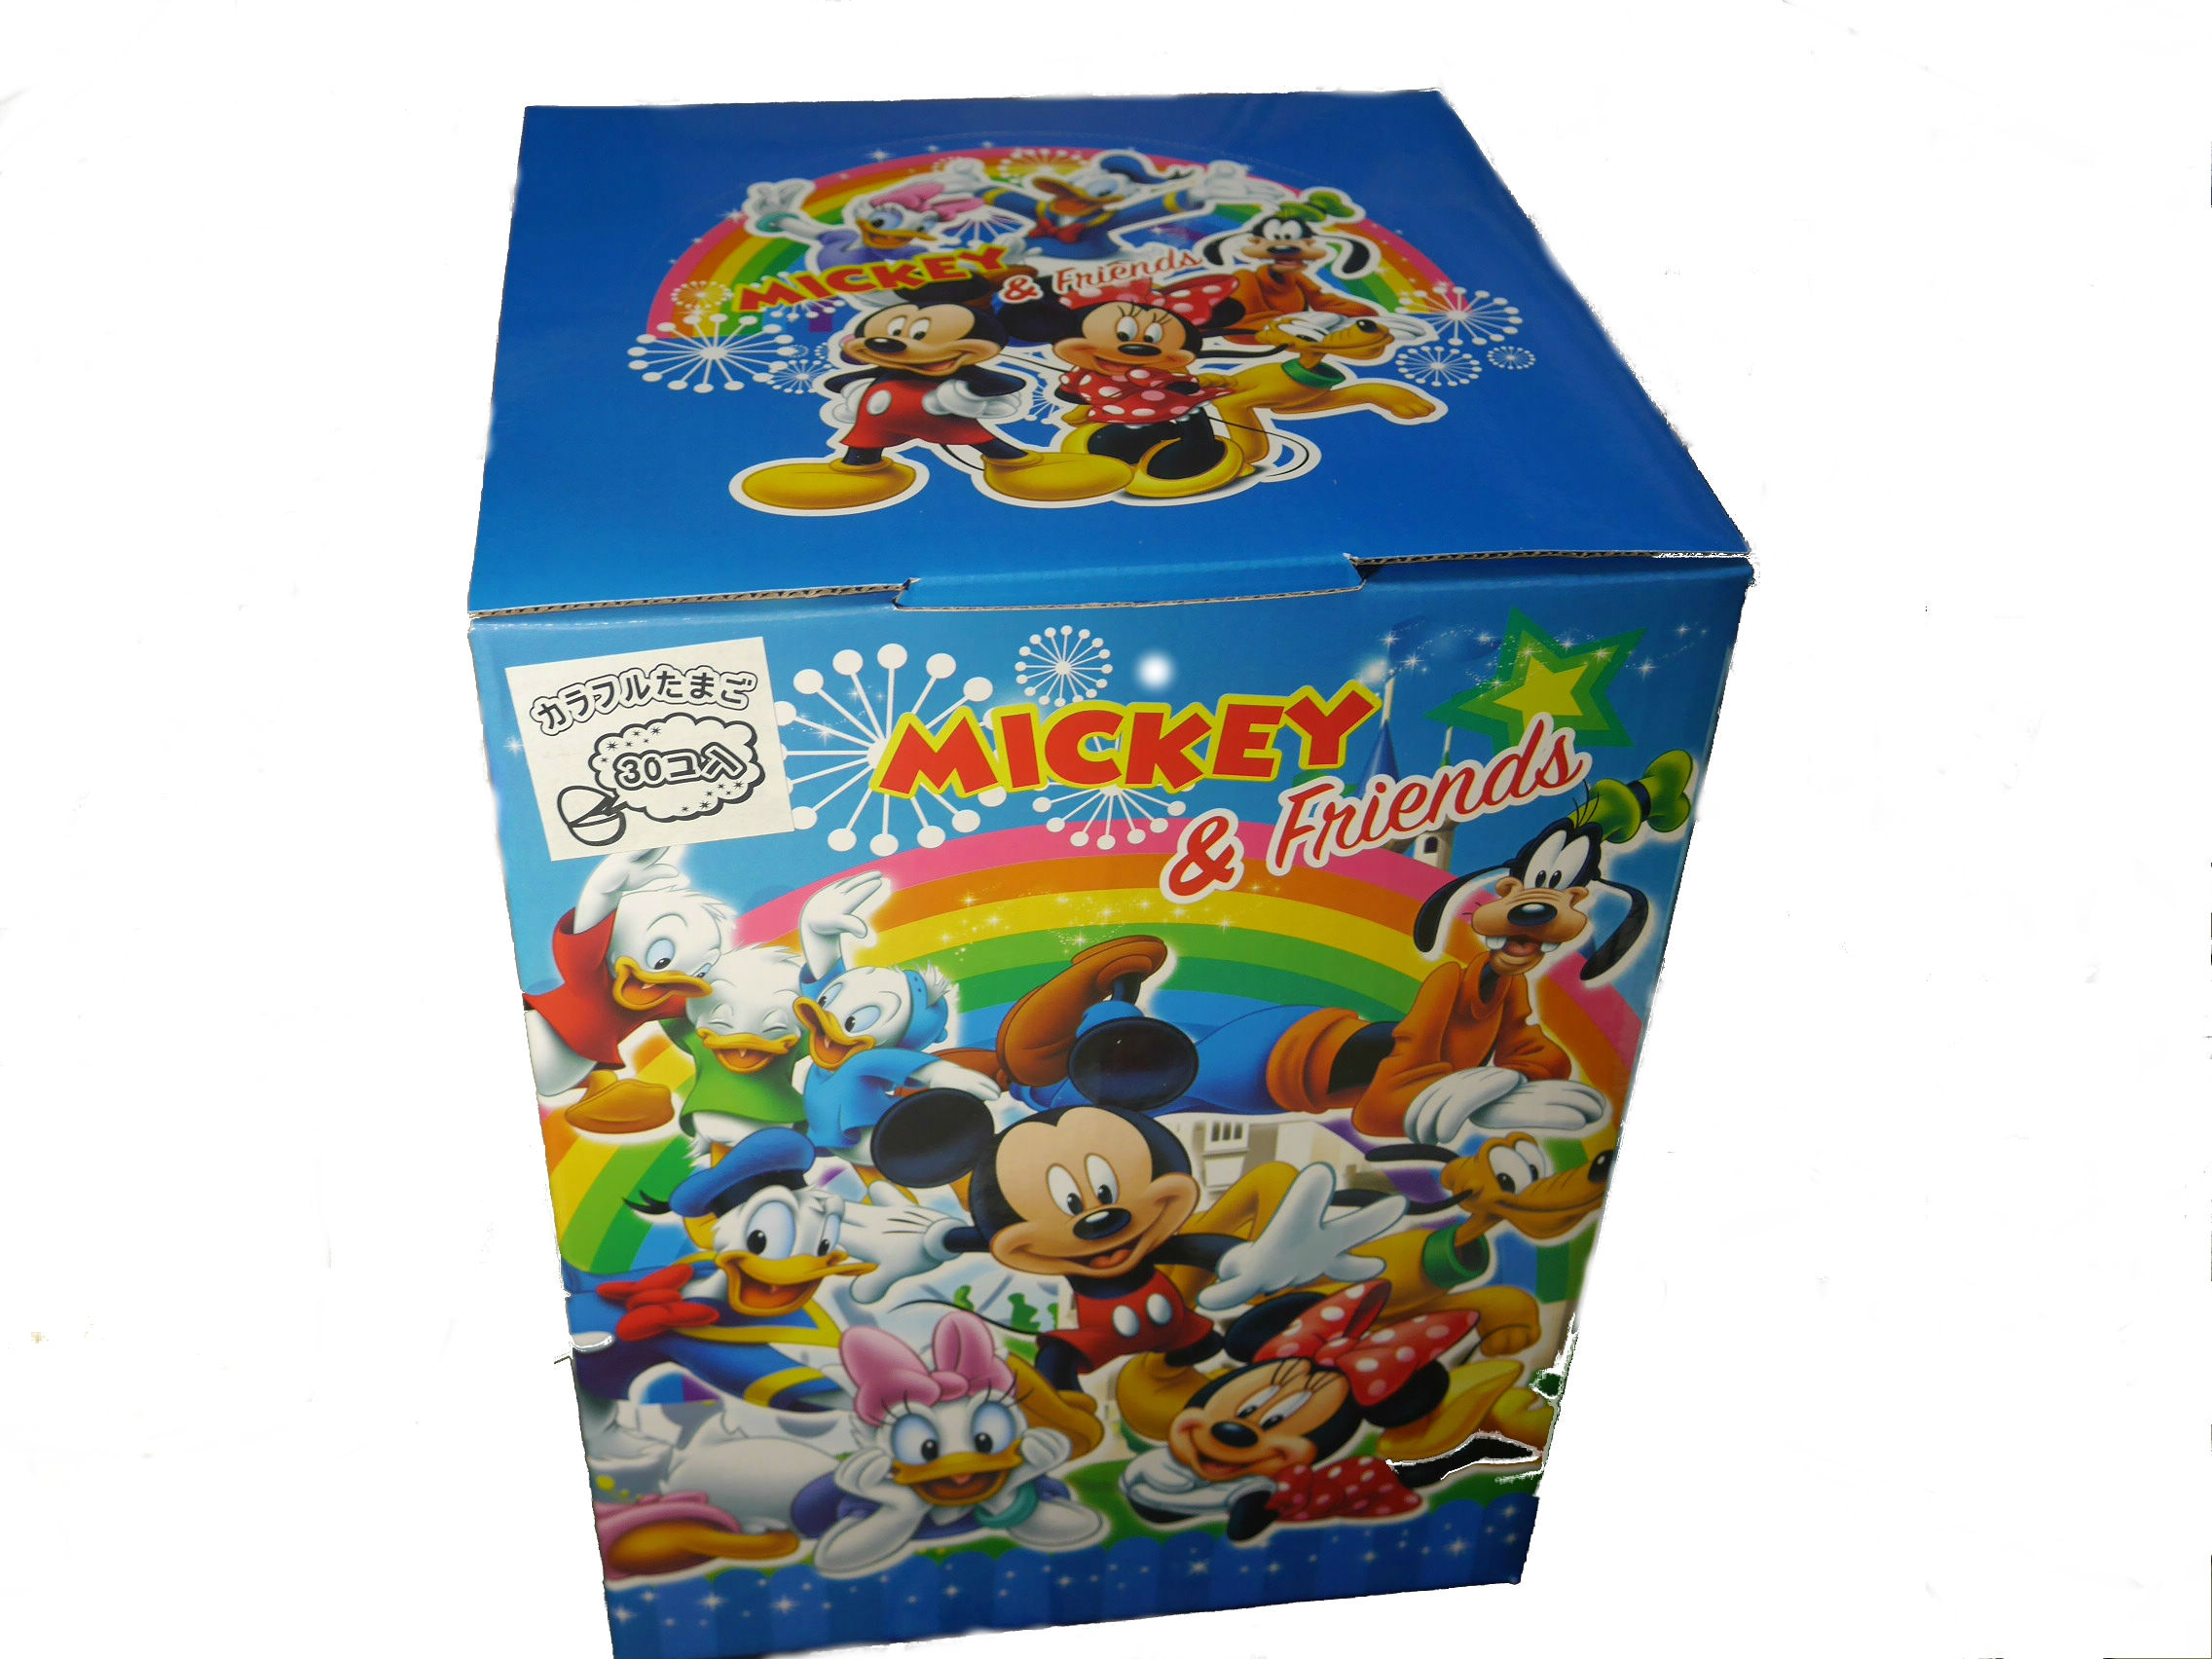 ディズニーカラフルたまごくじタマゴの中にはどんなおもちゃが入っているかは開けてのお楽しみ